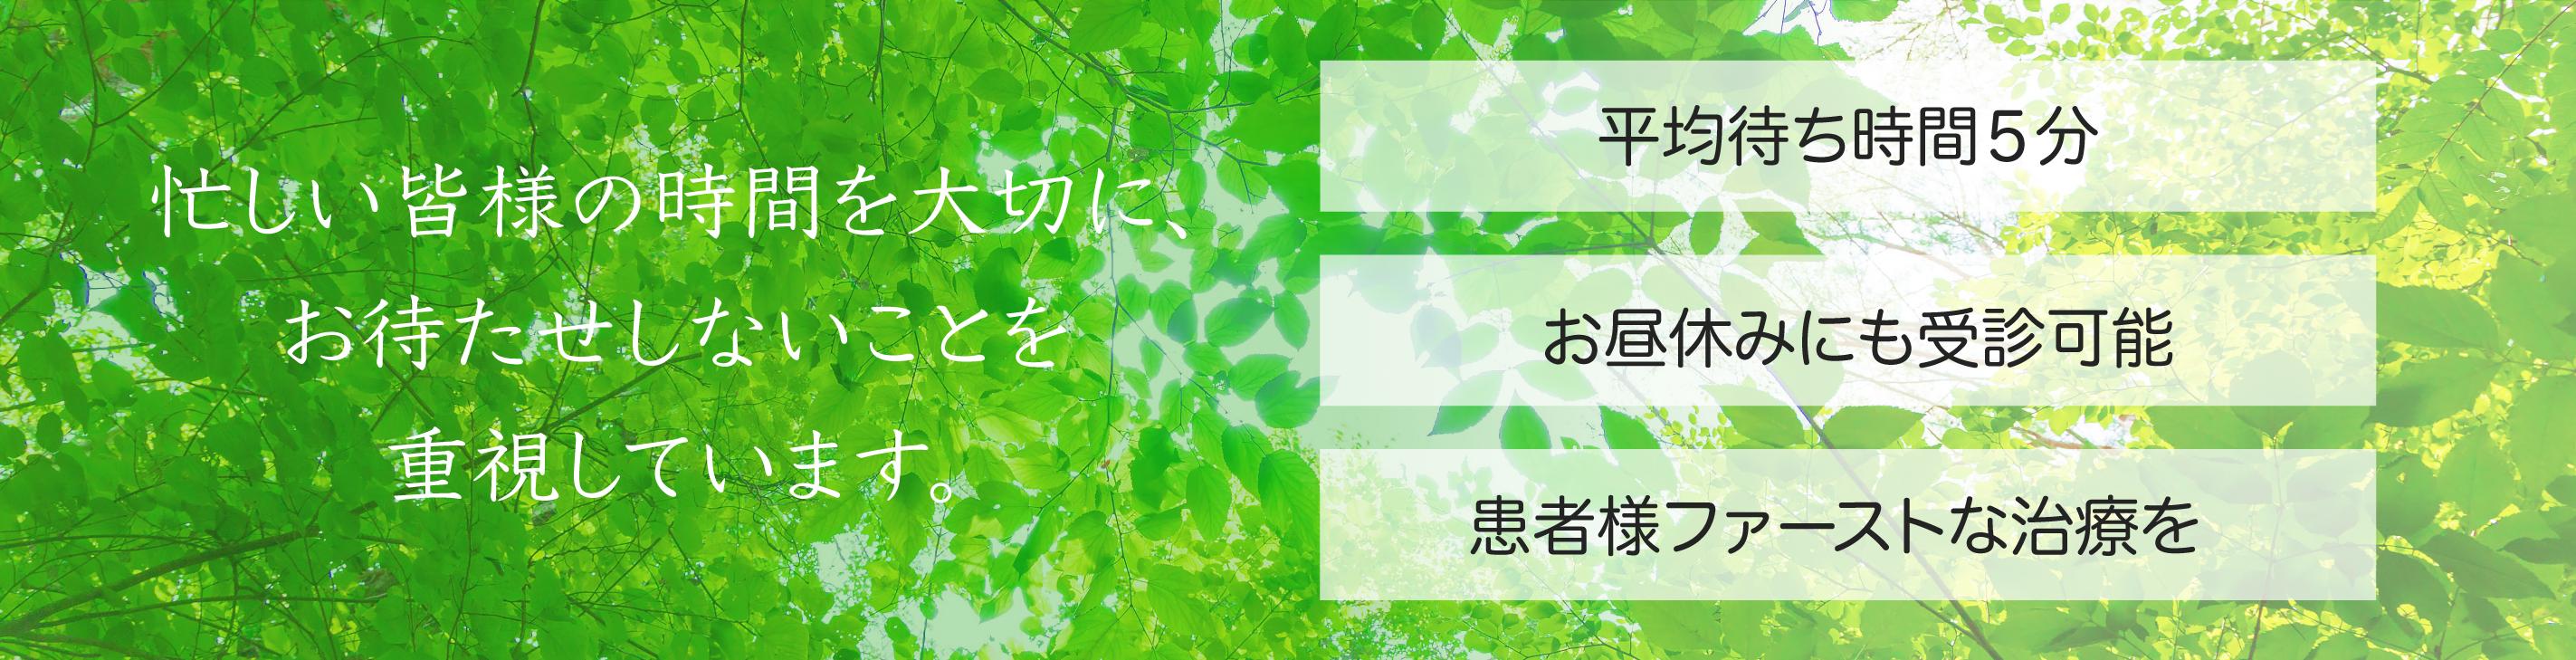 東京都中央区にある内科・皮膚科・麻酔科が受診可能な信州会クリニック